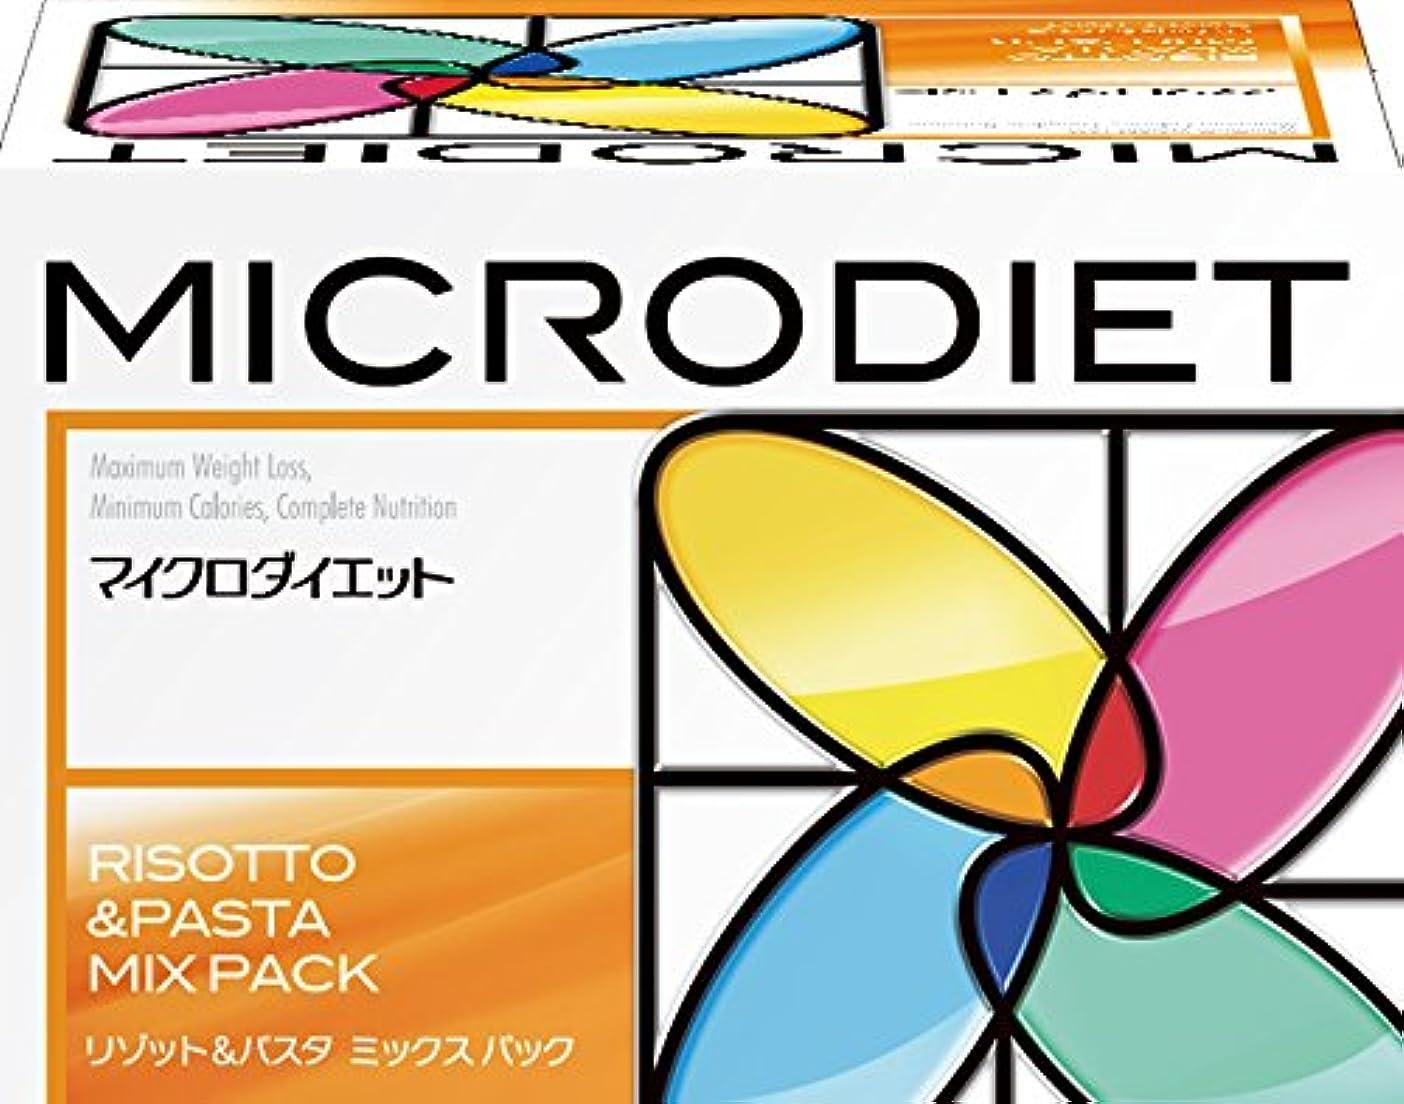 ホップ落胆させるフライトマイクロダイエット リゾット&パスタミックスパック(0007329)